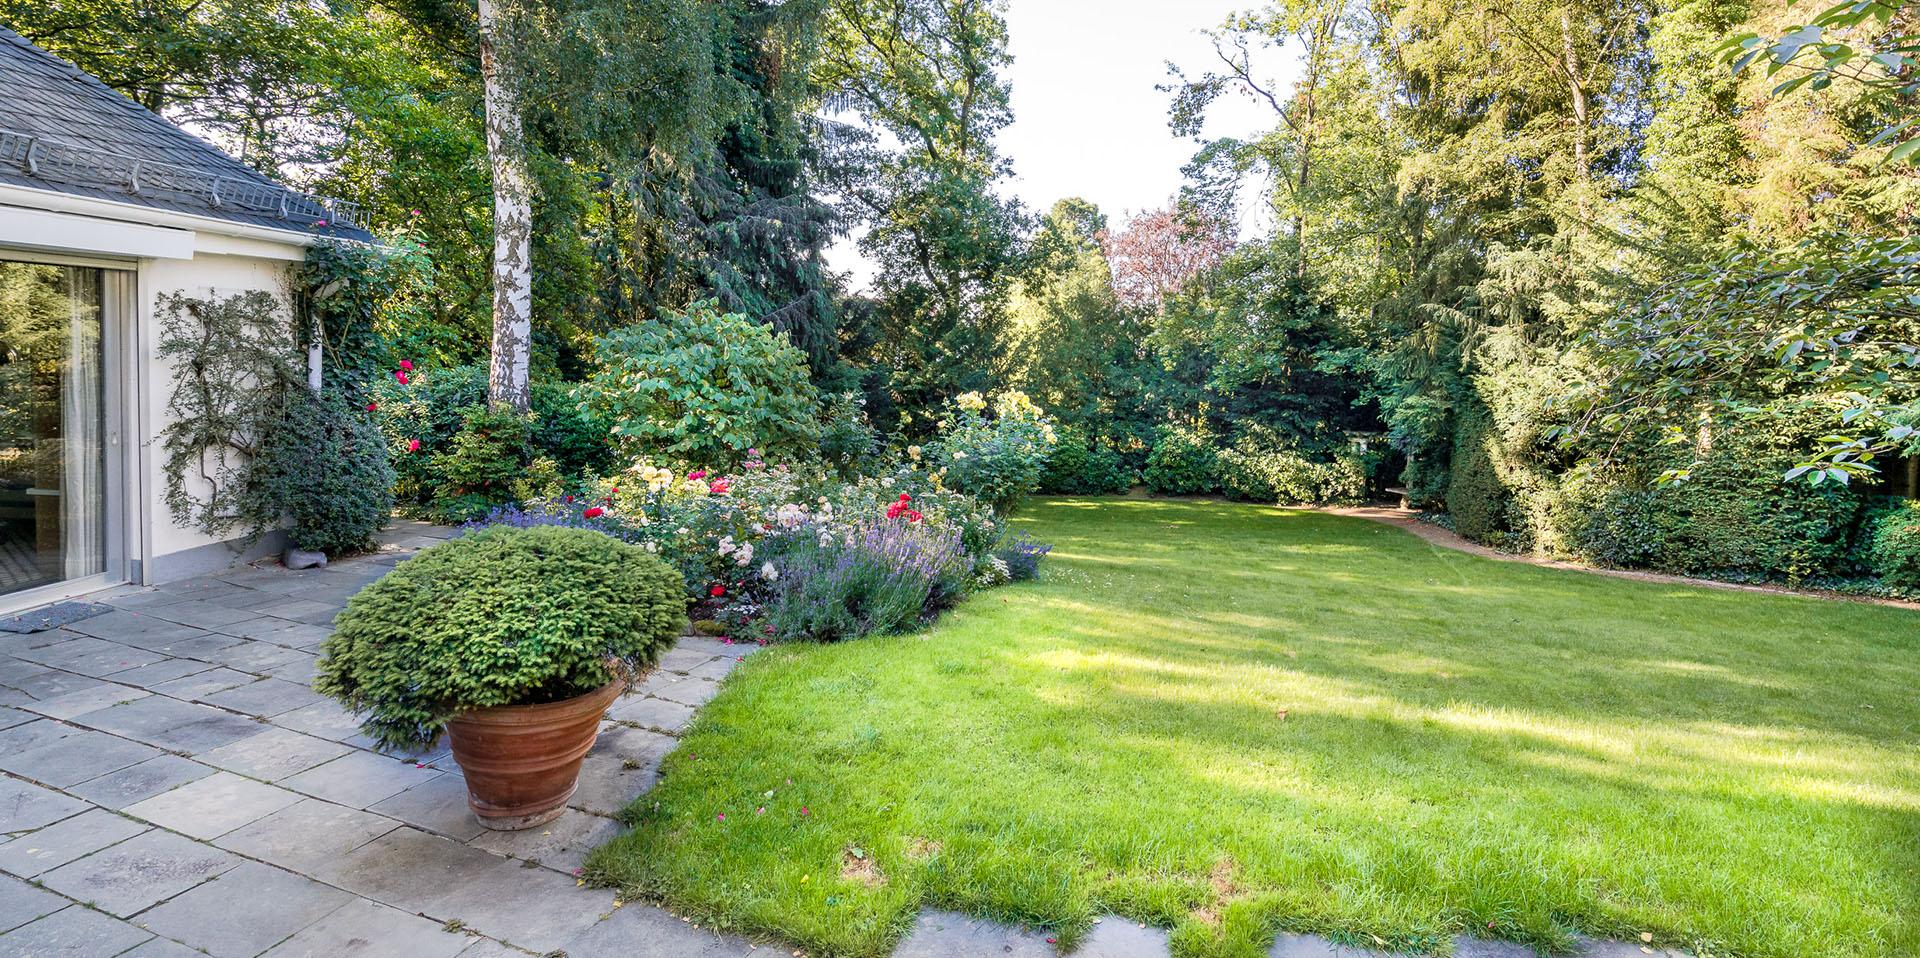 Gepflegter Garten Vorstandsvilla, uneinsehbares Grundstück - Vermittlung durch Eberhard Horn Real Estate